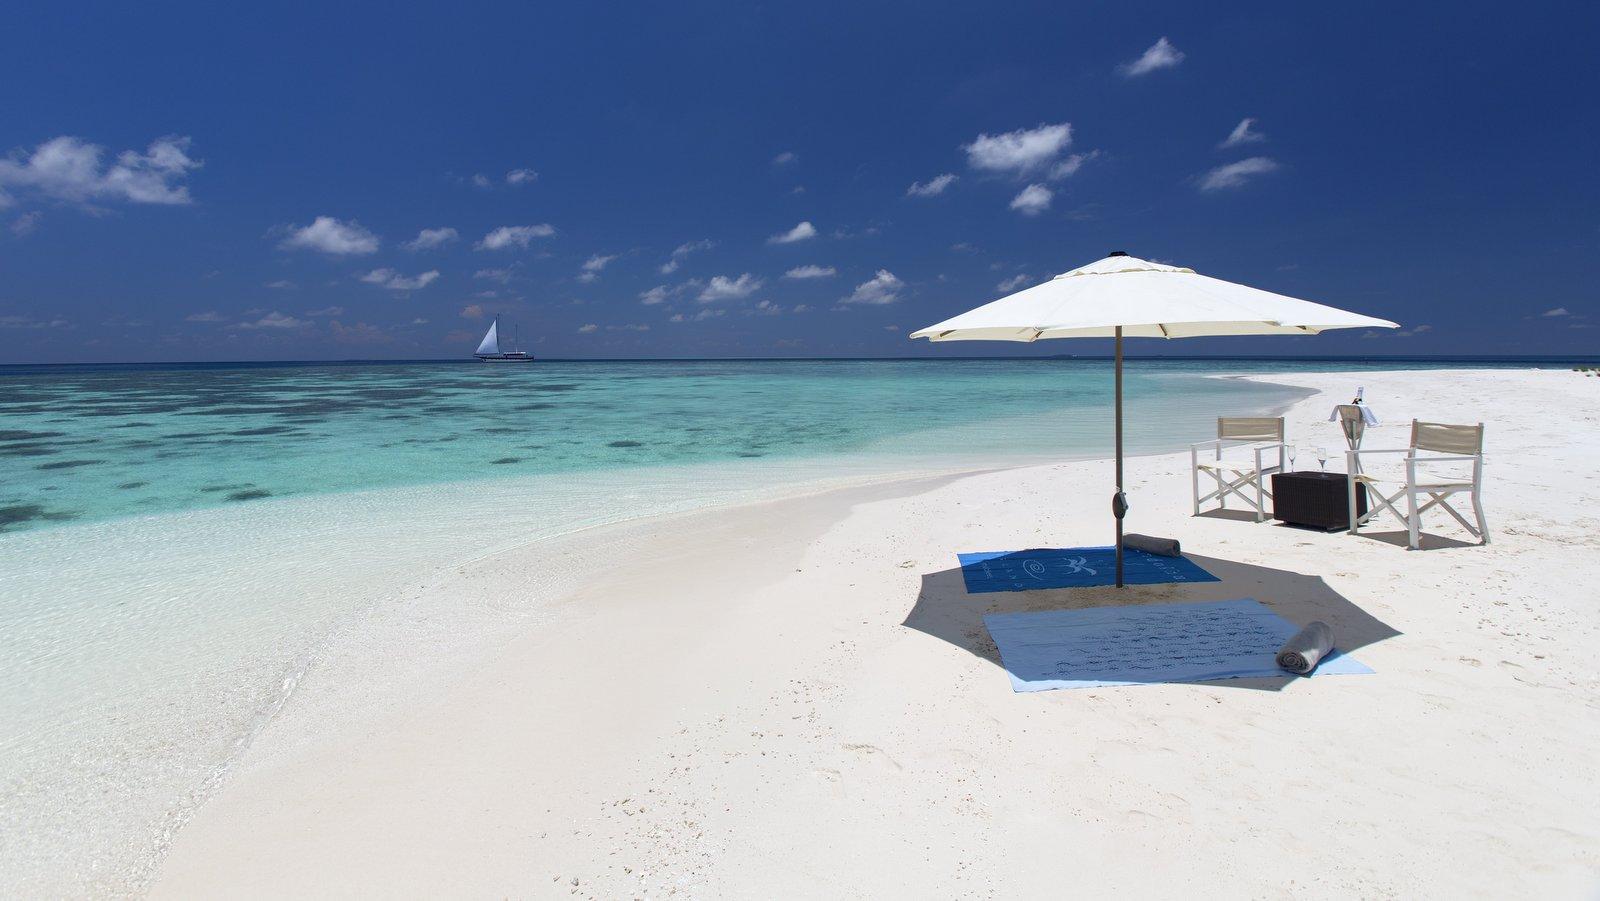 Мальдивы, отель Kandolhu Maldives, пляж